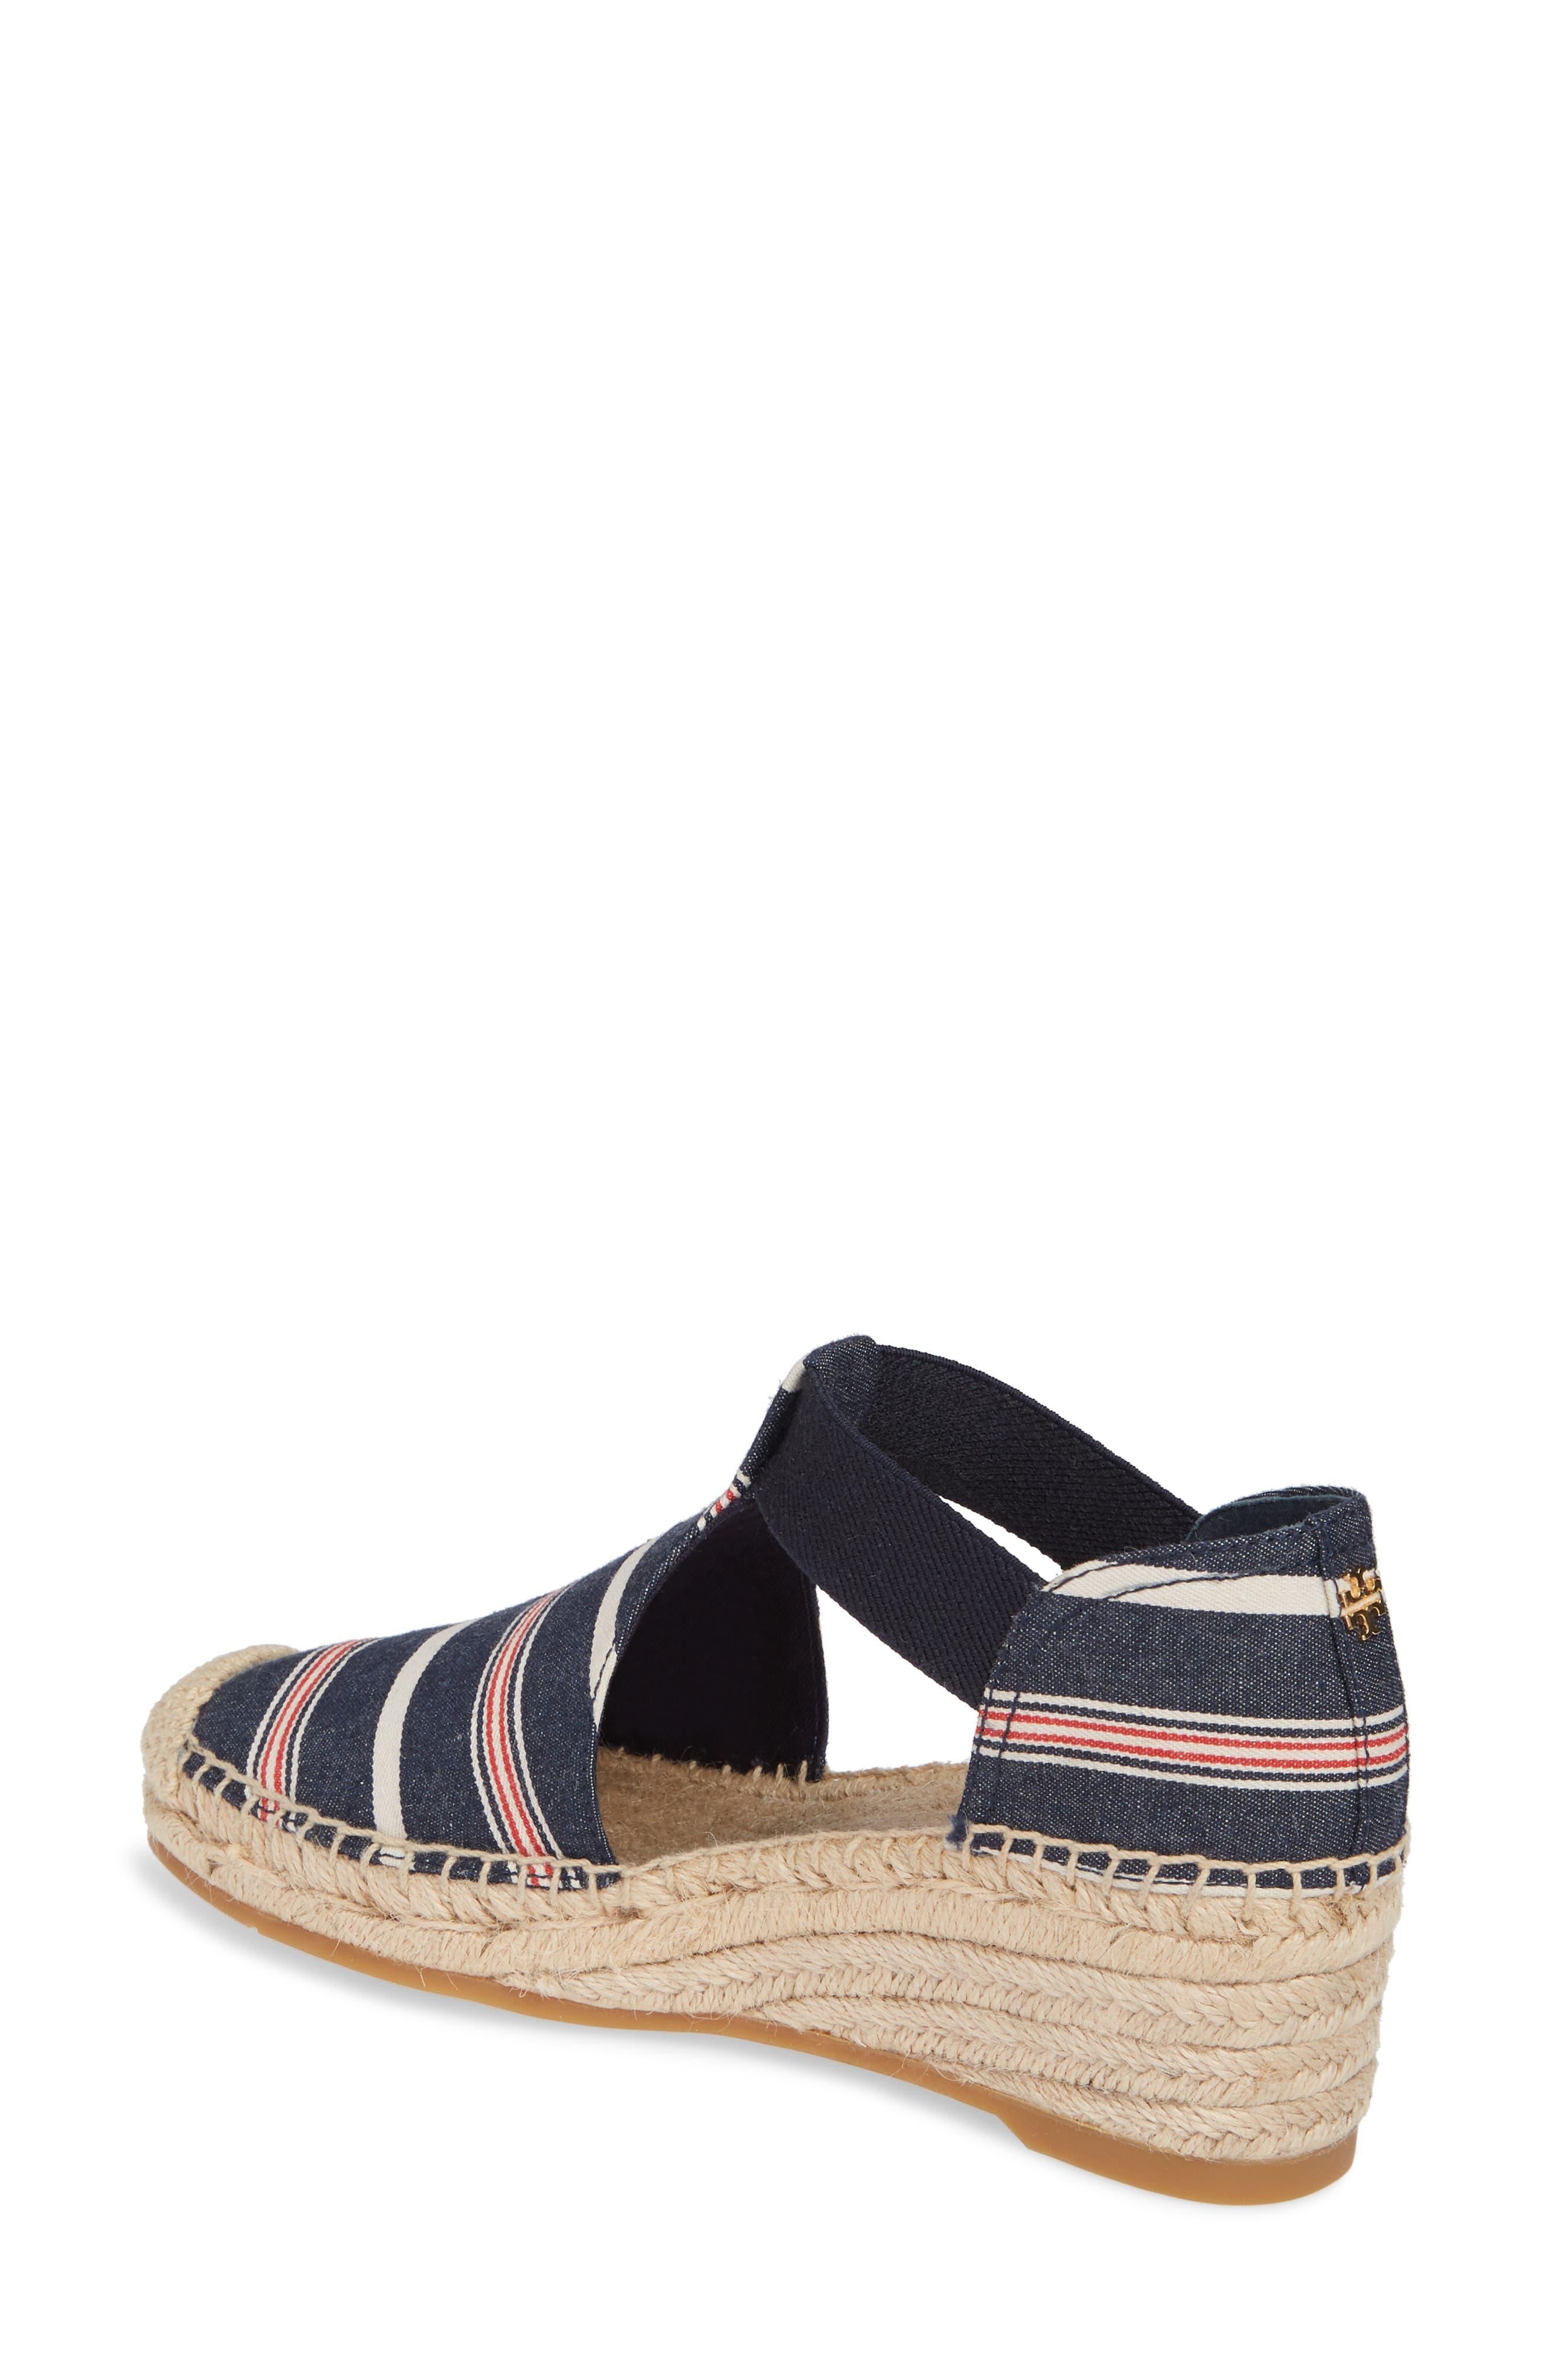 309d9542a9e0 Women s Sandals  Sale